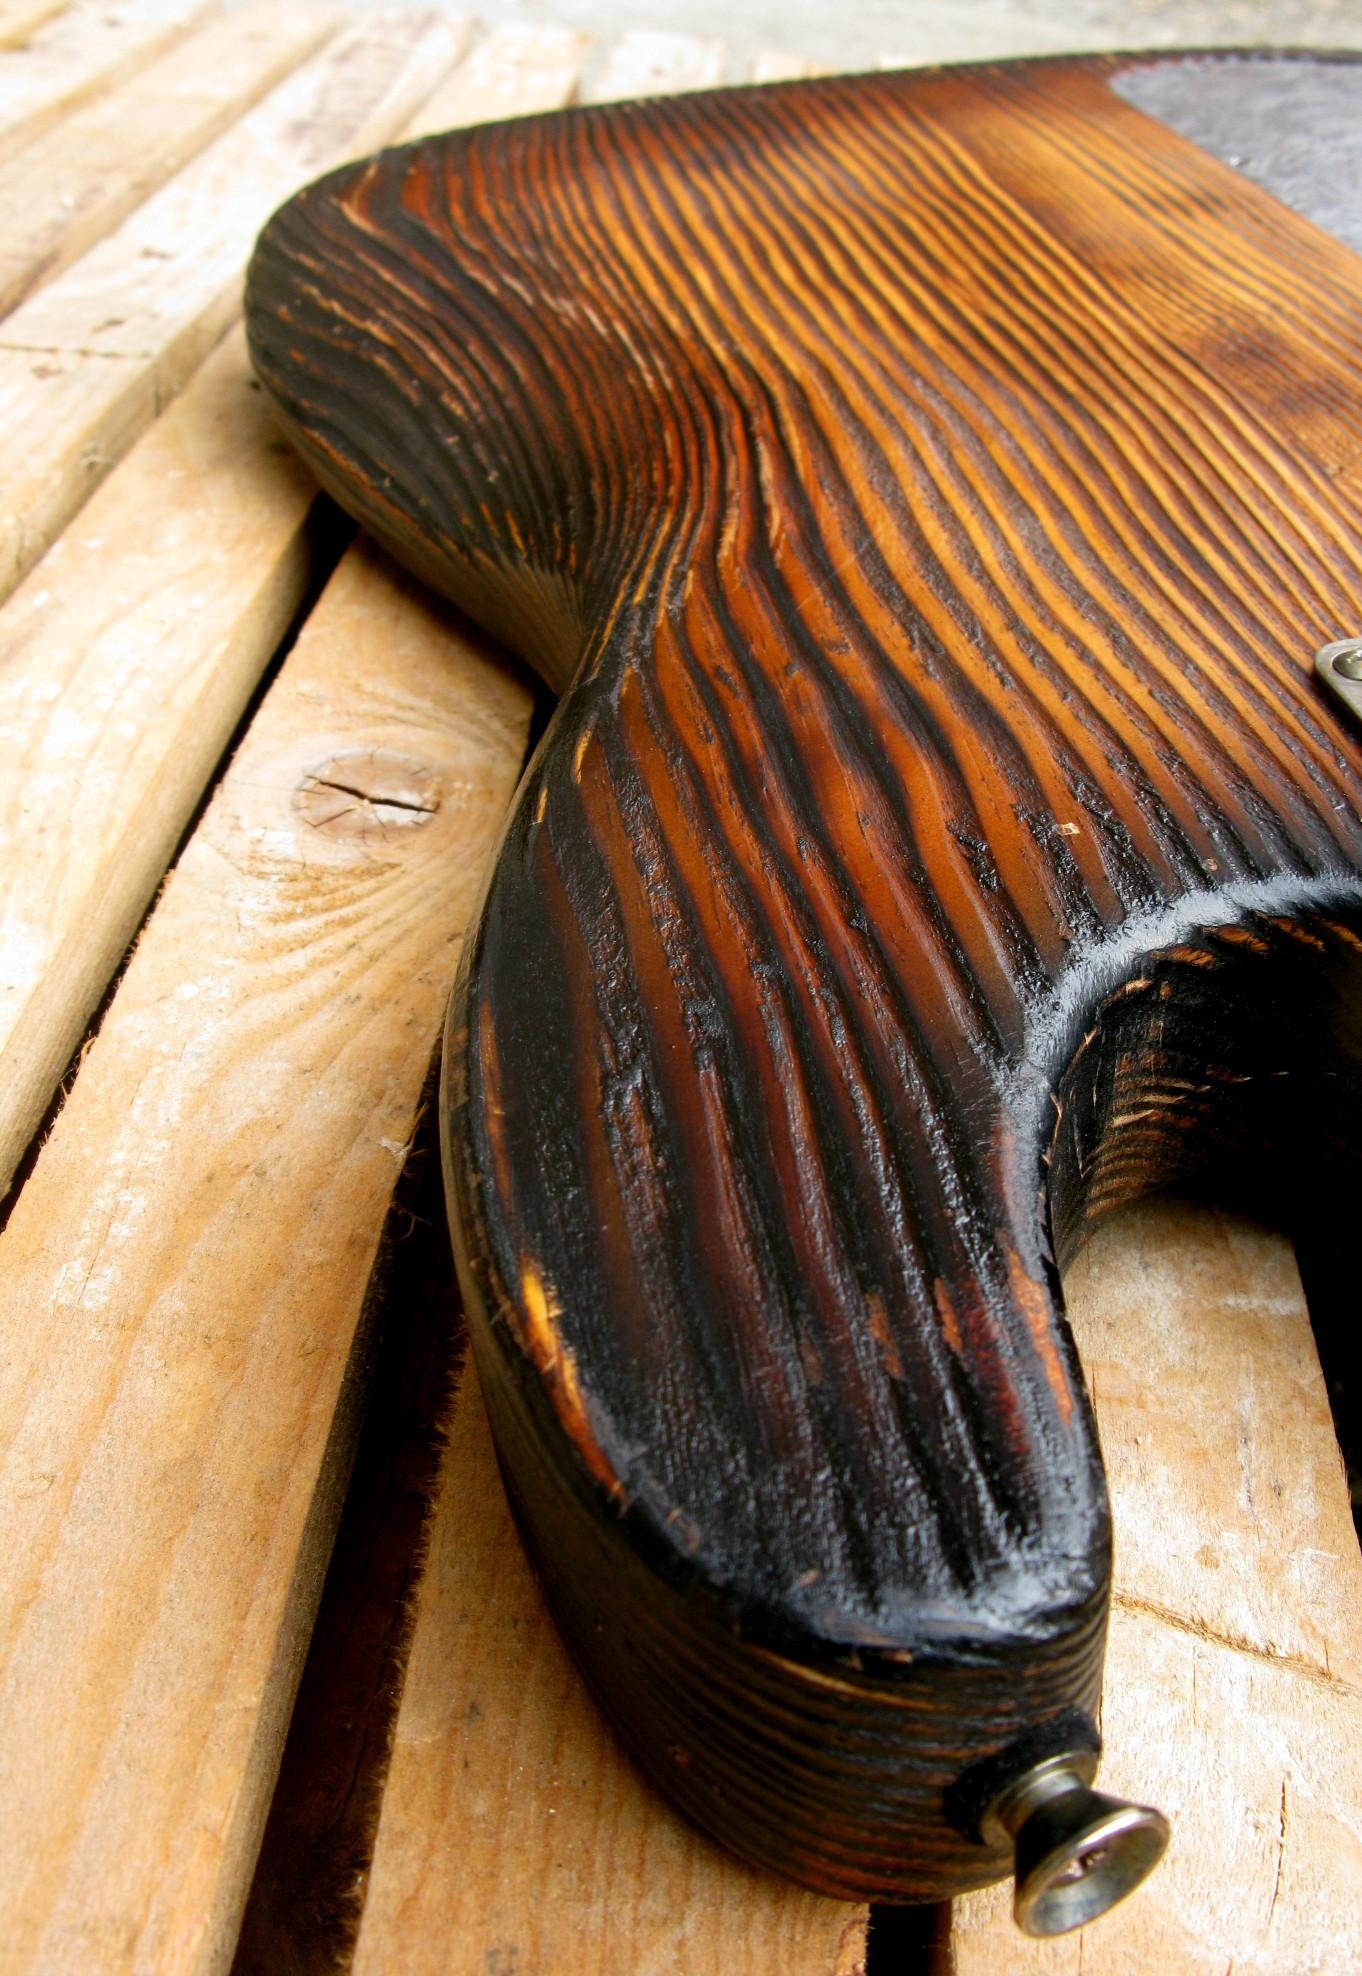 Chitarra modello Stratocaster, body in pino, manico in frassino, reverse: spalla